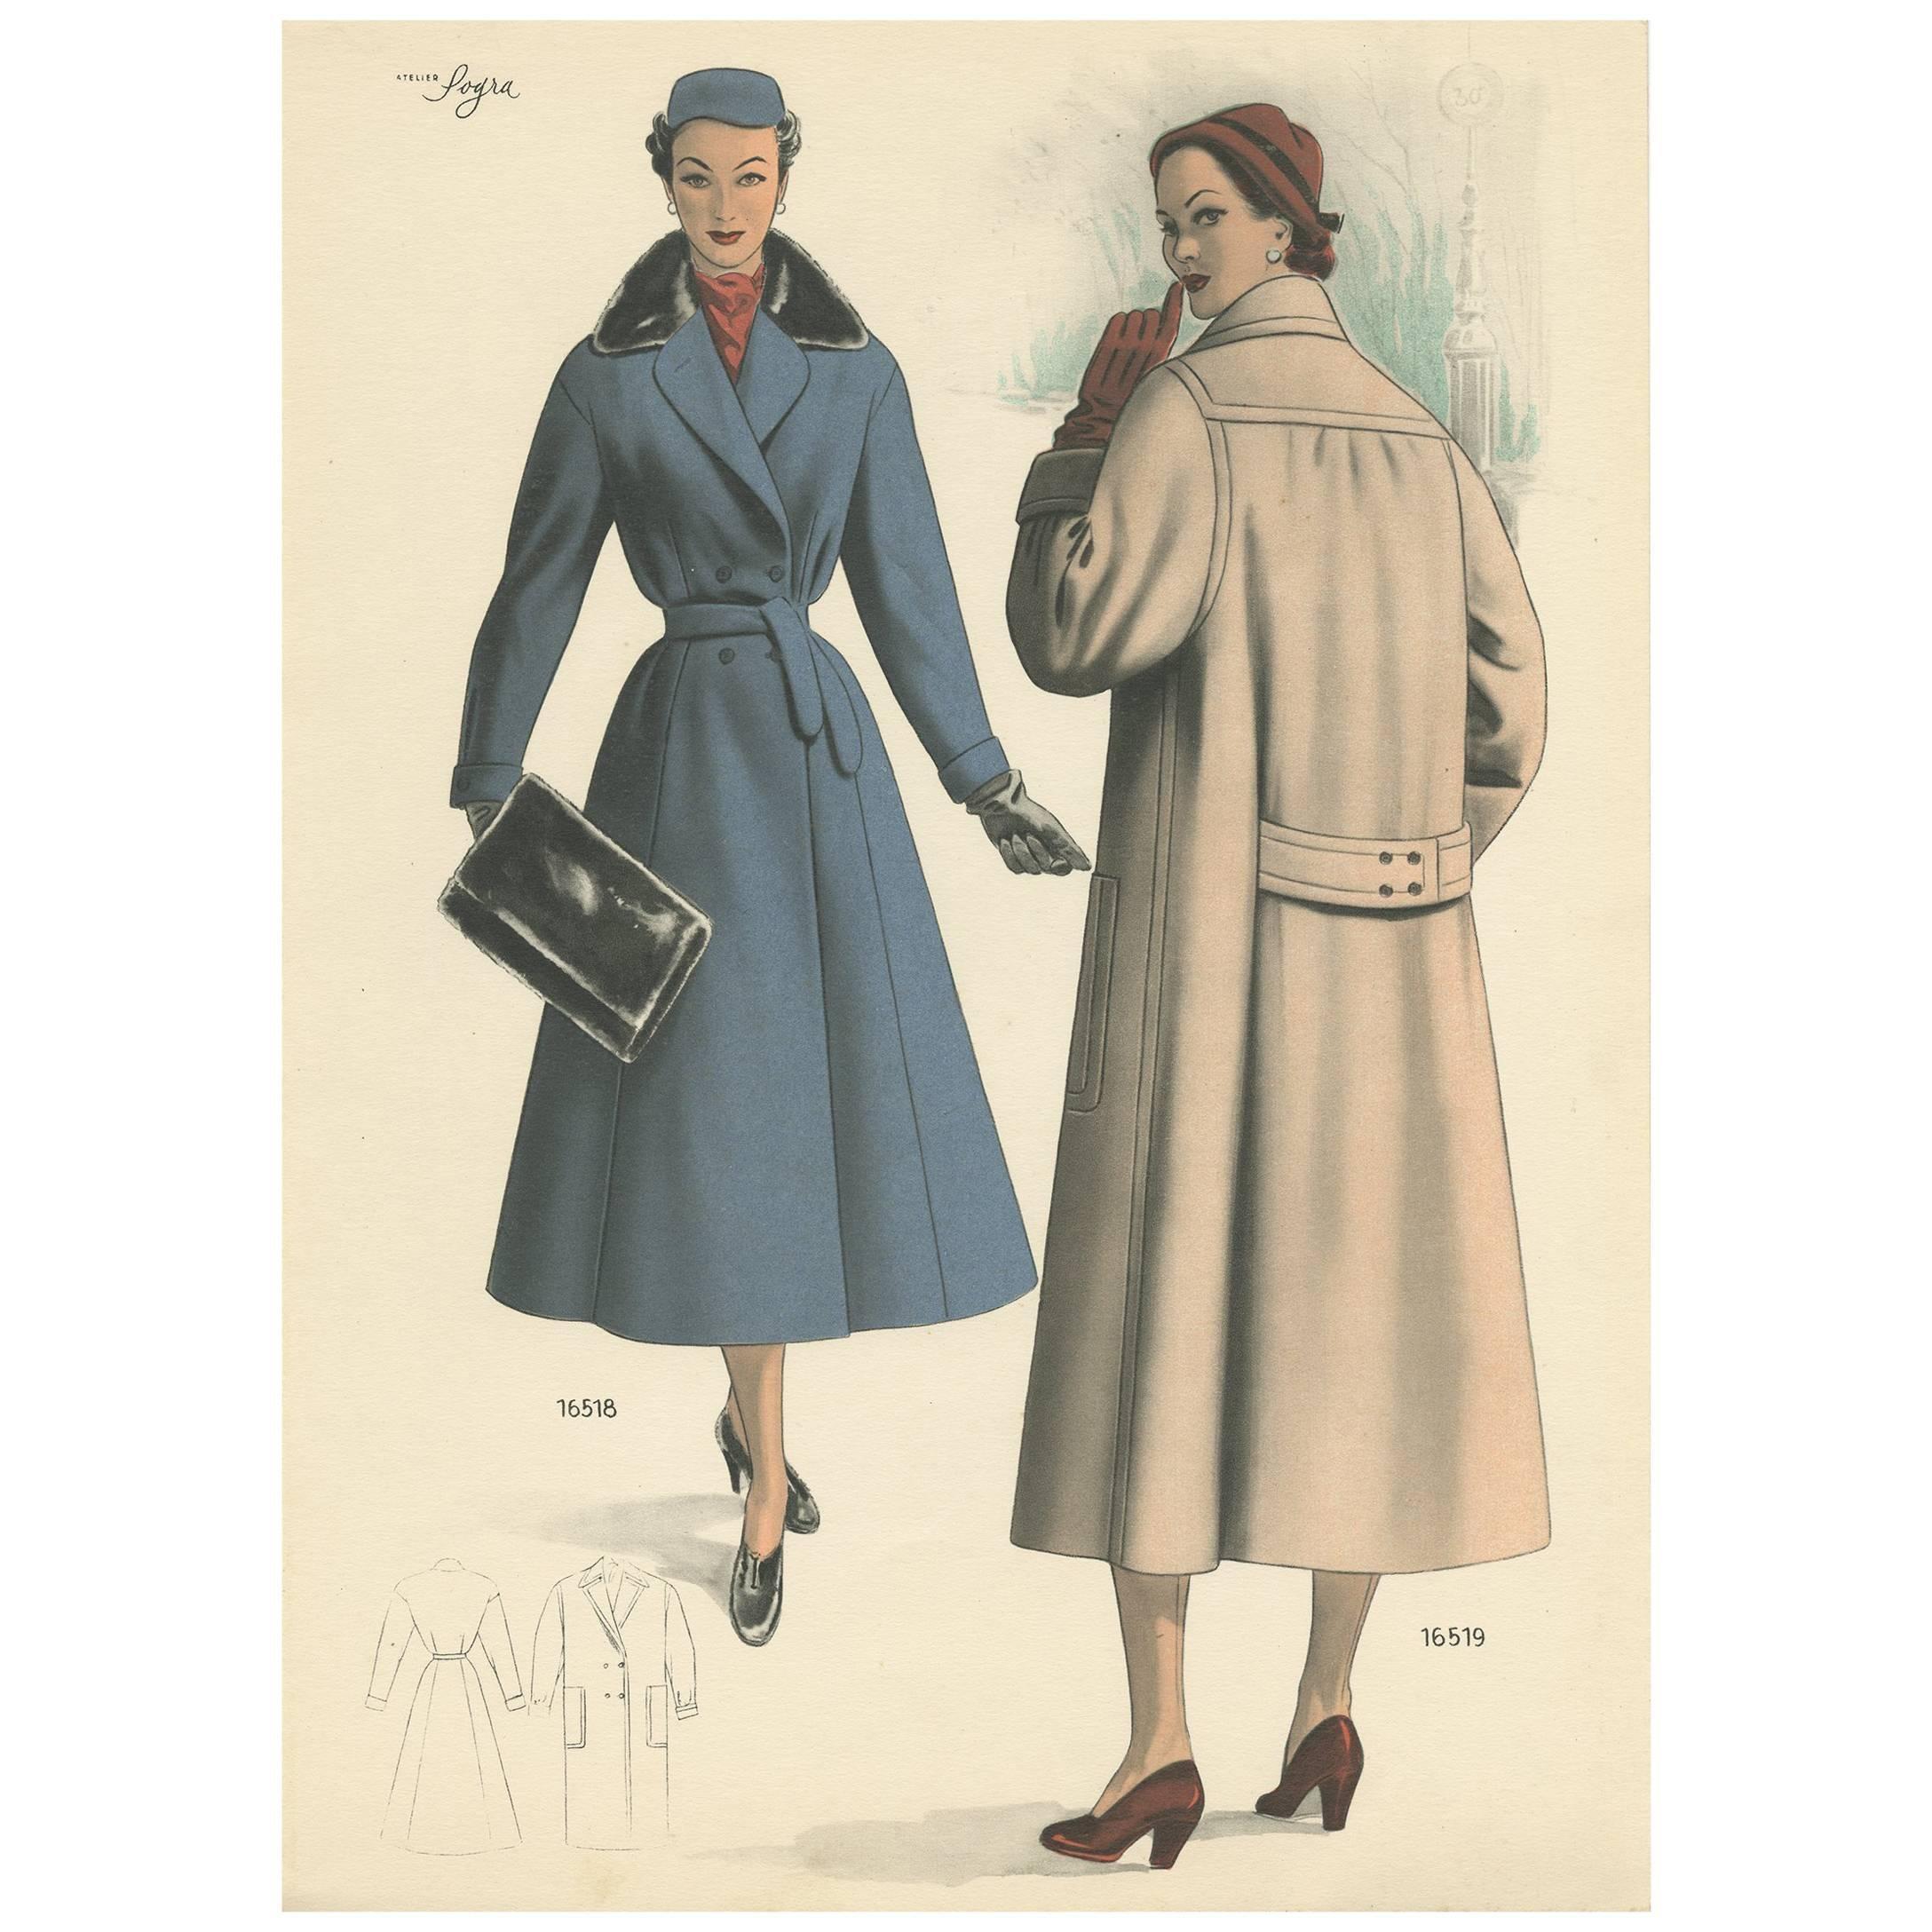 Fashion Print 'pl 16508' Published Tailleur Antique Le Moderne In p6qFdqPw